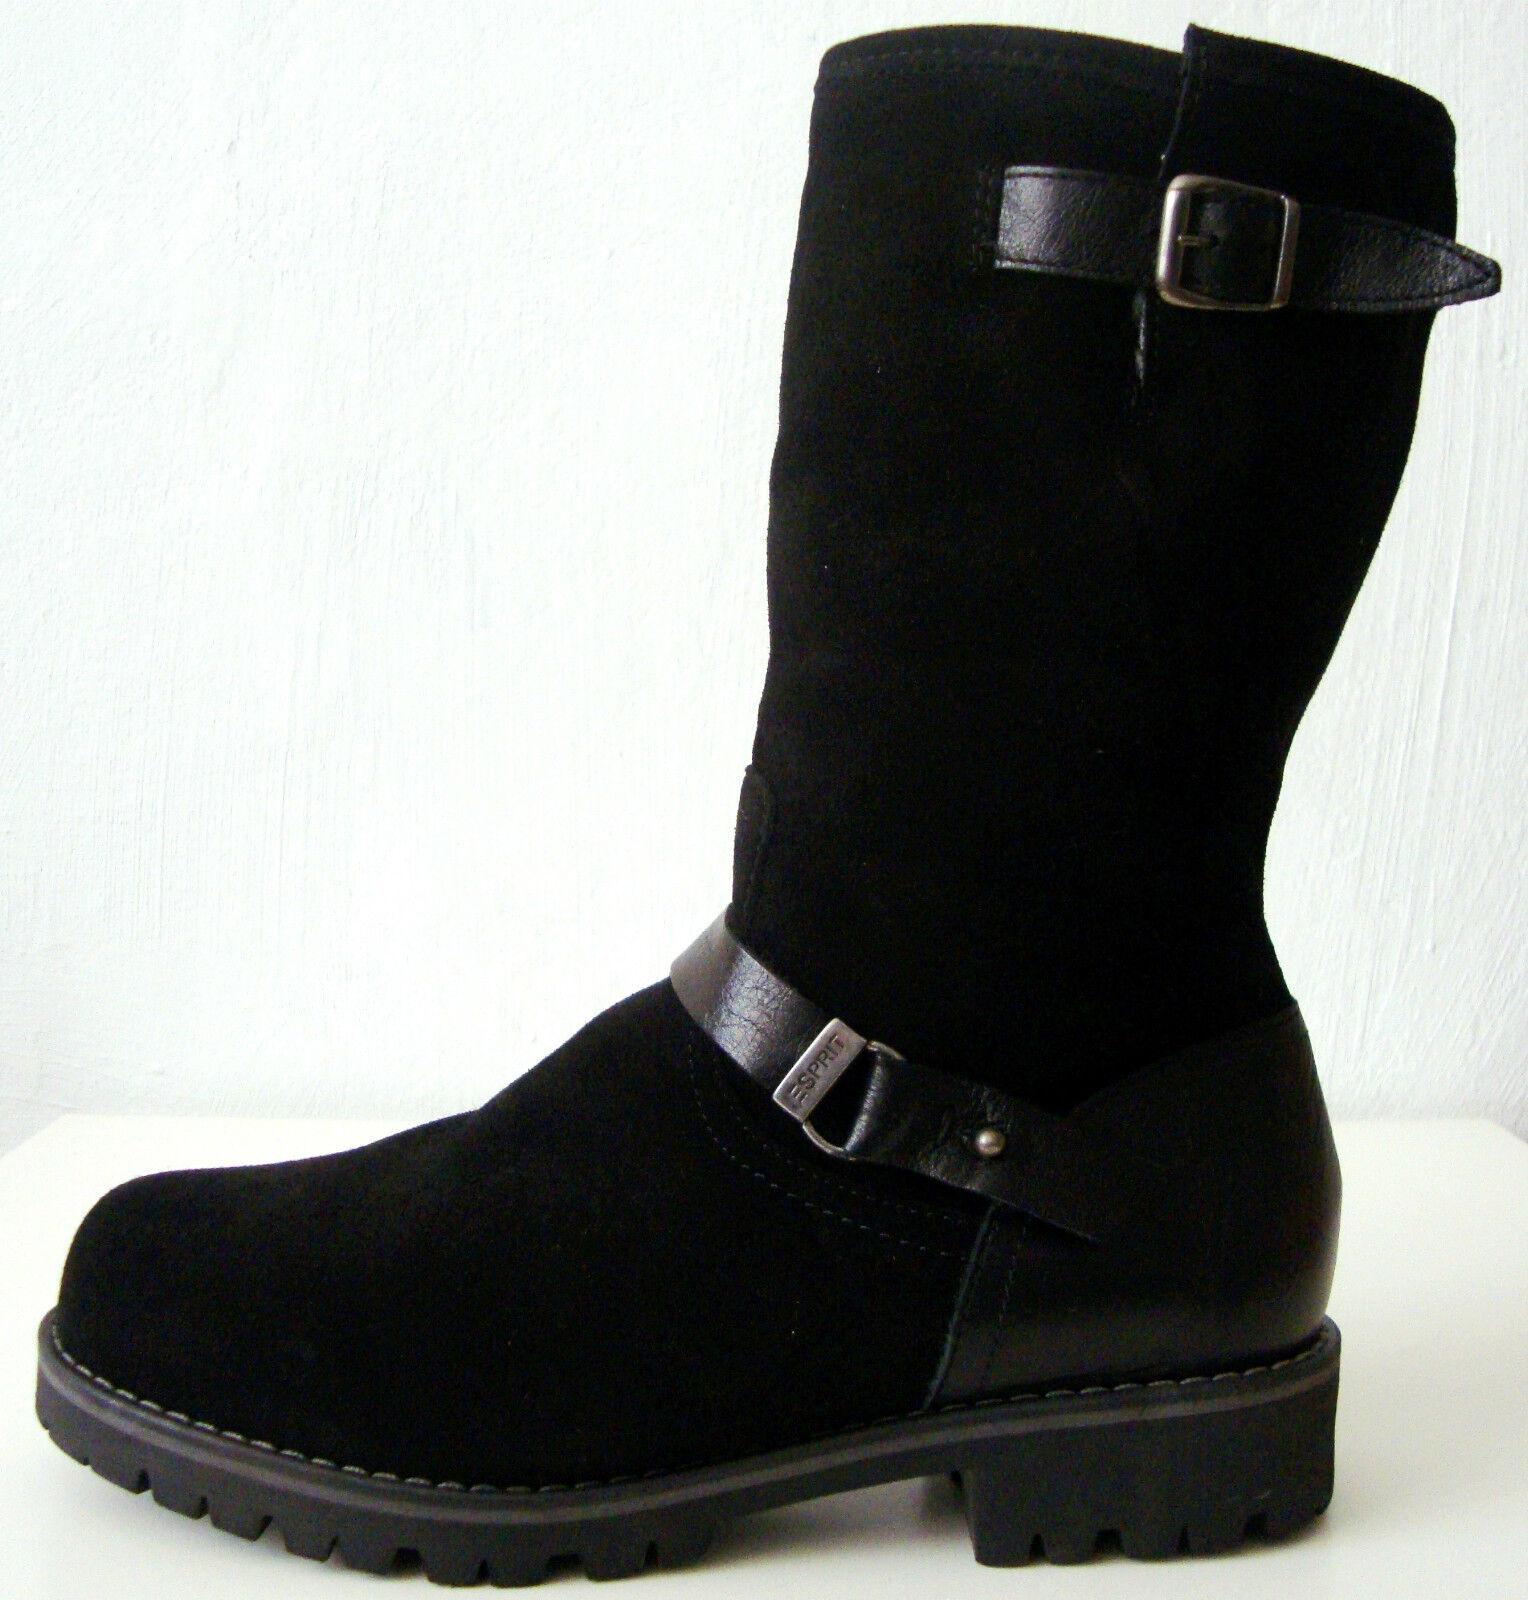 ESPRIT Damen Stiefel Schwarz Leder Boots Wadenhohe Winterstiefel Schwarz Stiefel Gr.37 NEU d34ff6